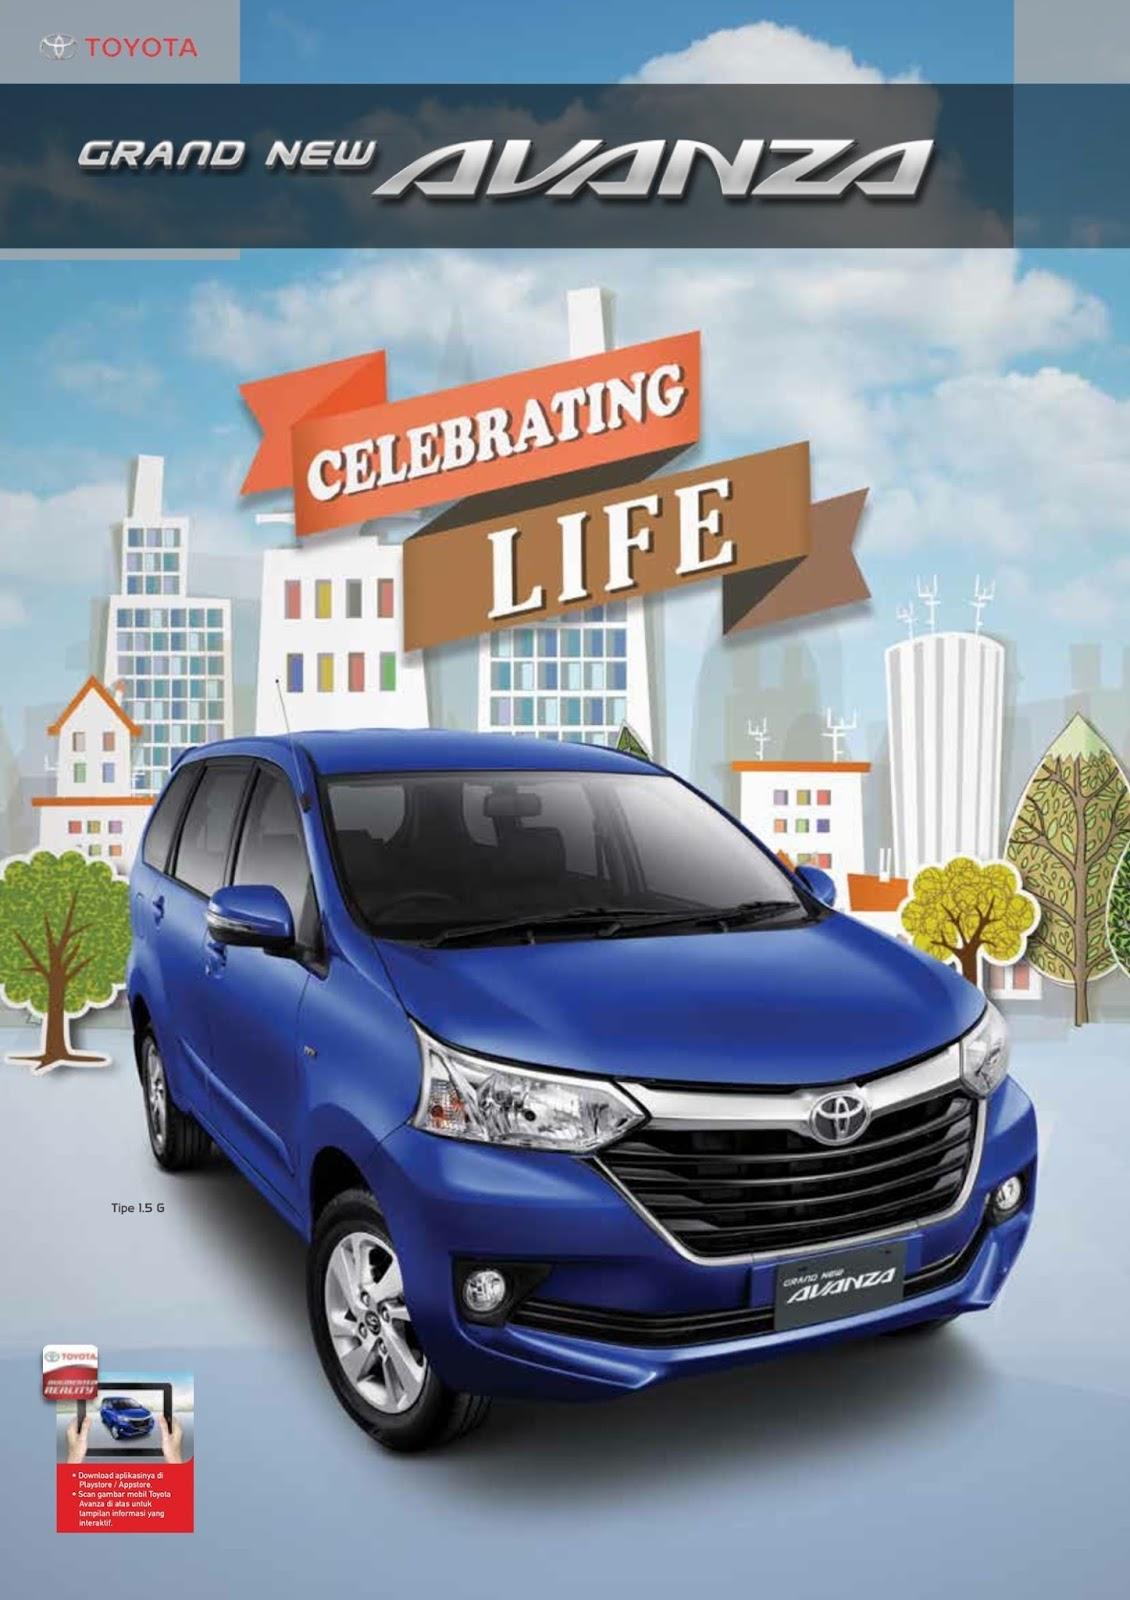 Harga Grand New Avanza Semarang Mobil 2018 Toyota Dapatkan Informasi Terbaru Mengenai Spesifikasi Promo Pembelian Cash Atau Kredit